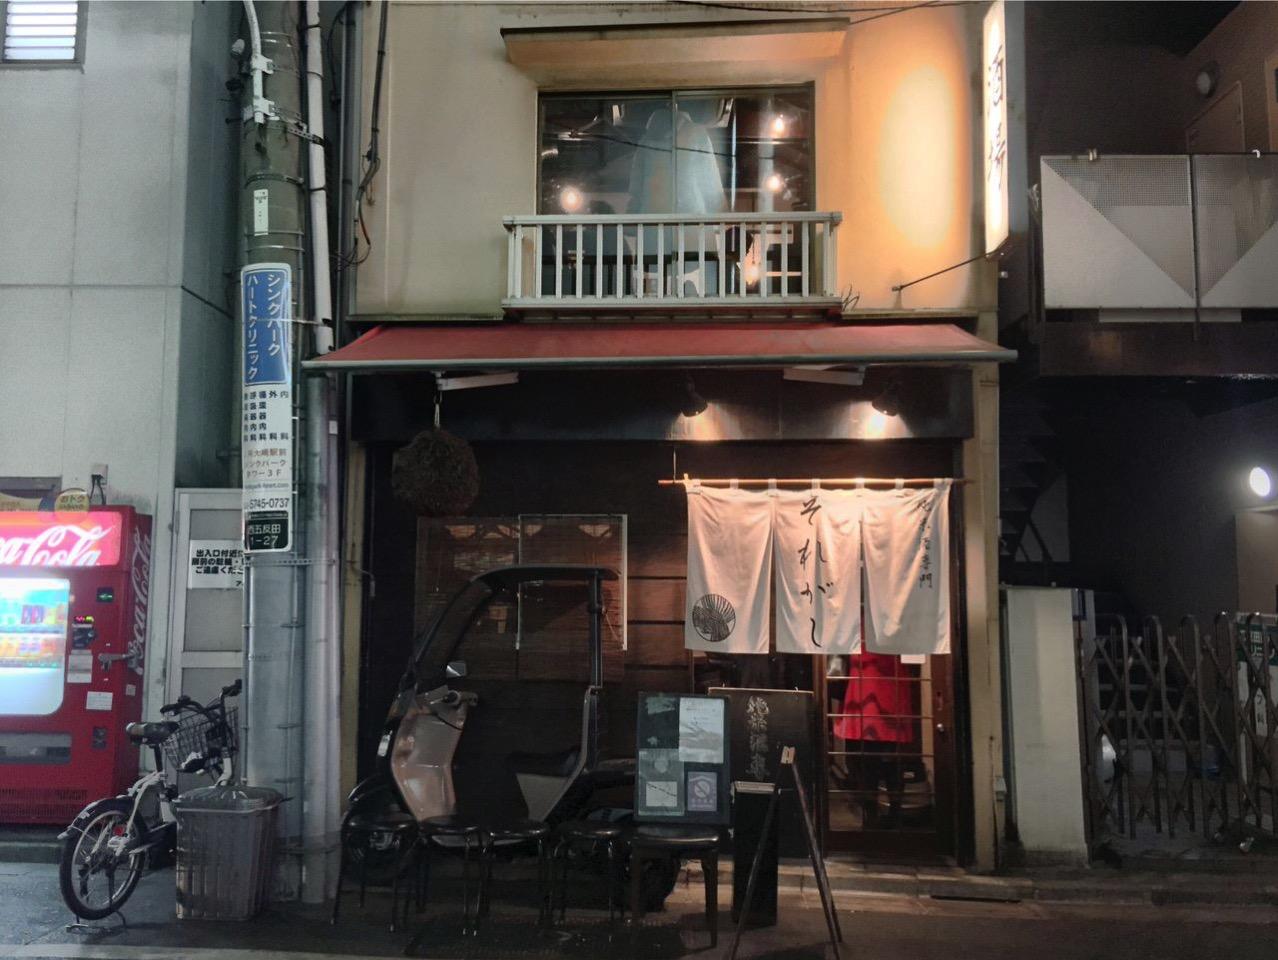 「それがし(五反田)」純米酒専門店の5,000円コースで日本酒10酒と完全なる酒のアテを堪能すべし